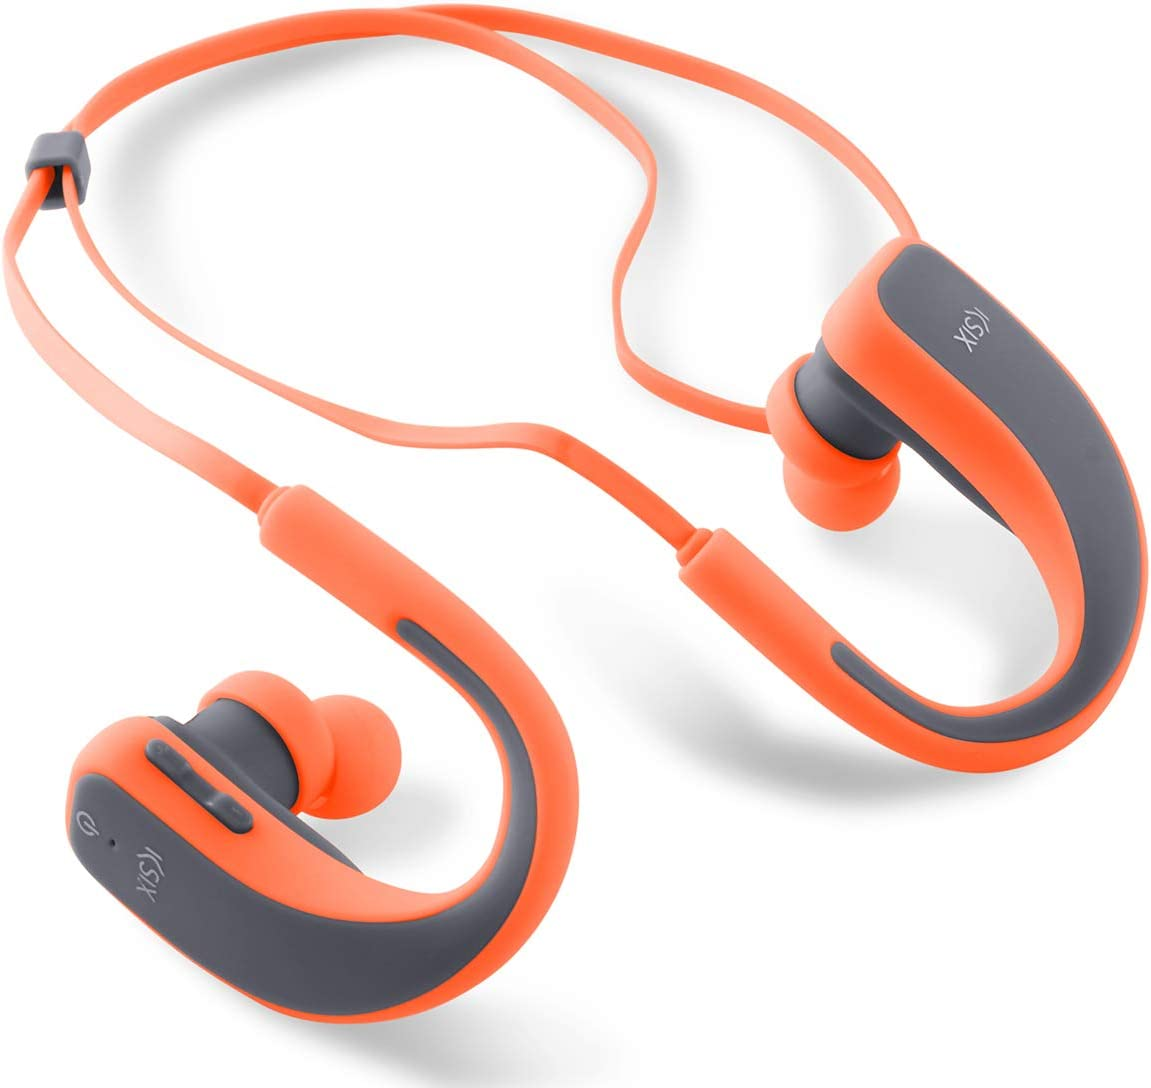 Ksix Go&Play Sport 2 - Auriculares inalámbricos, micrófono Integrado, Color Gris y Naranja